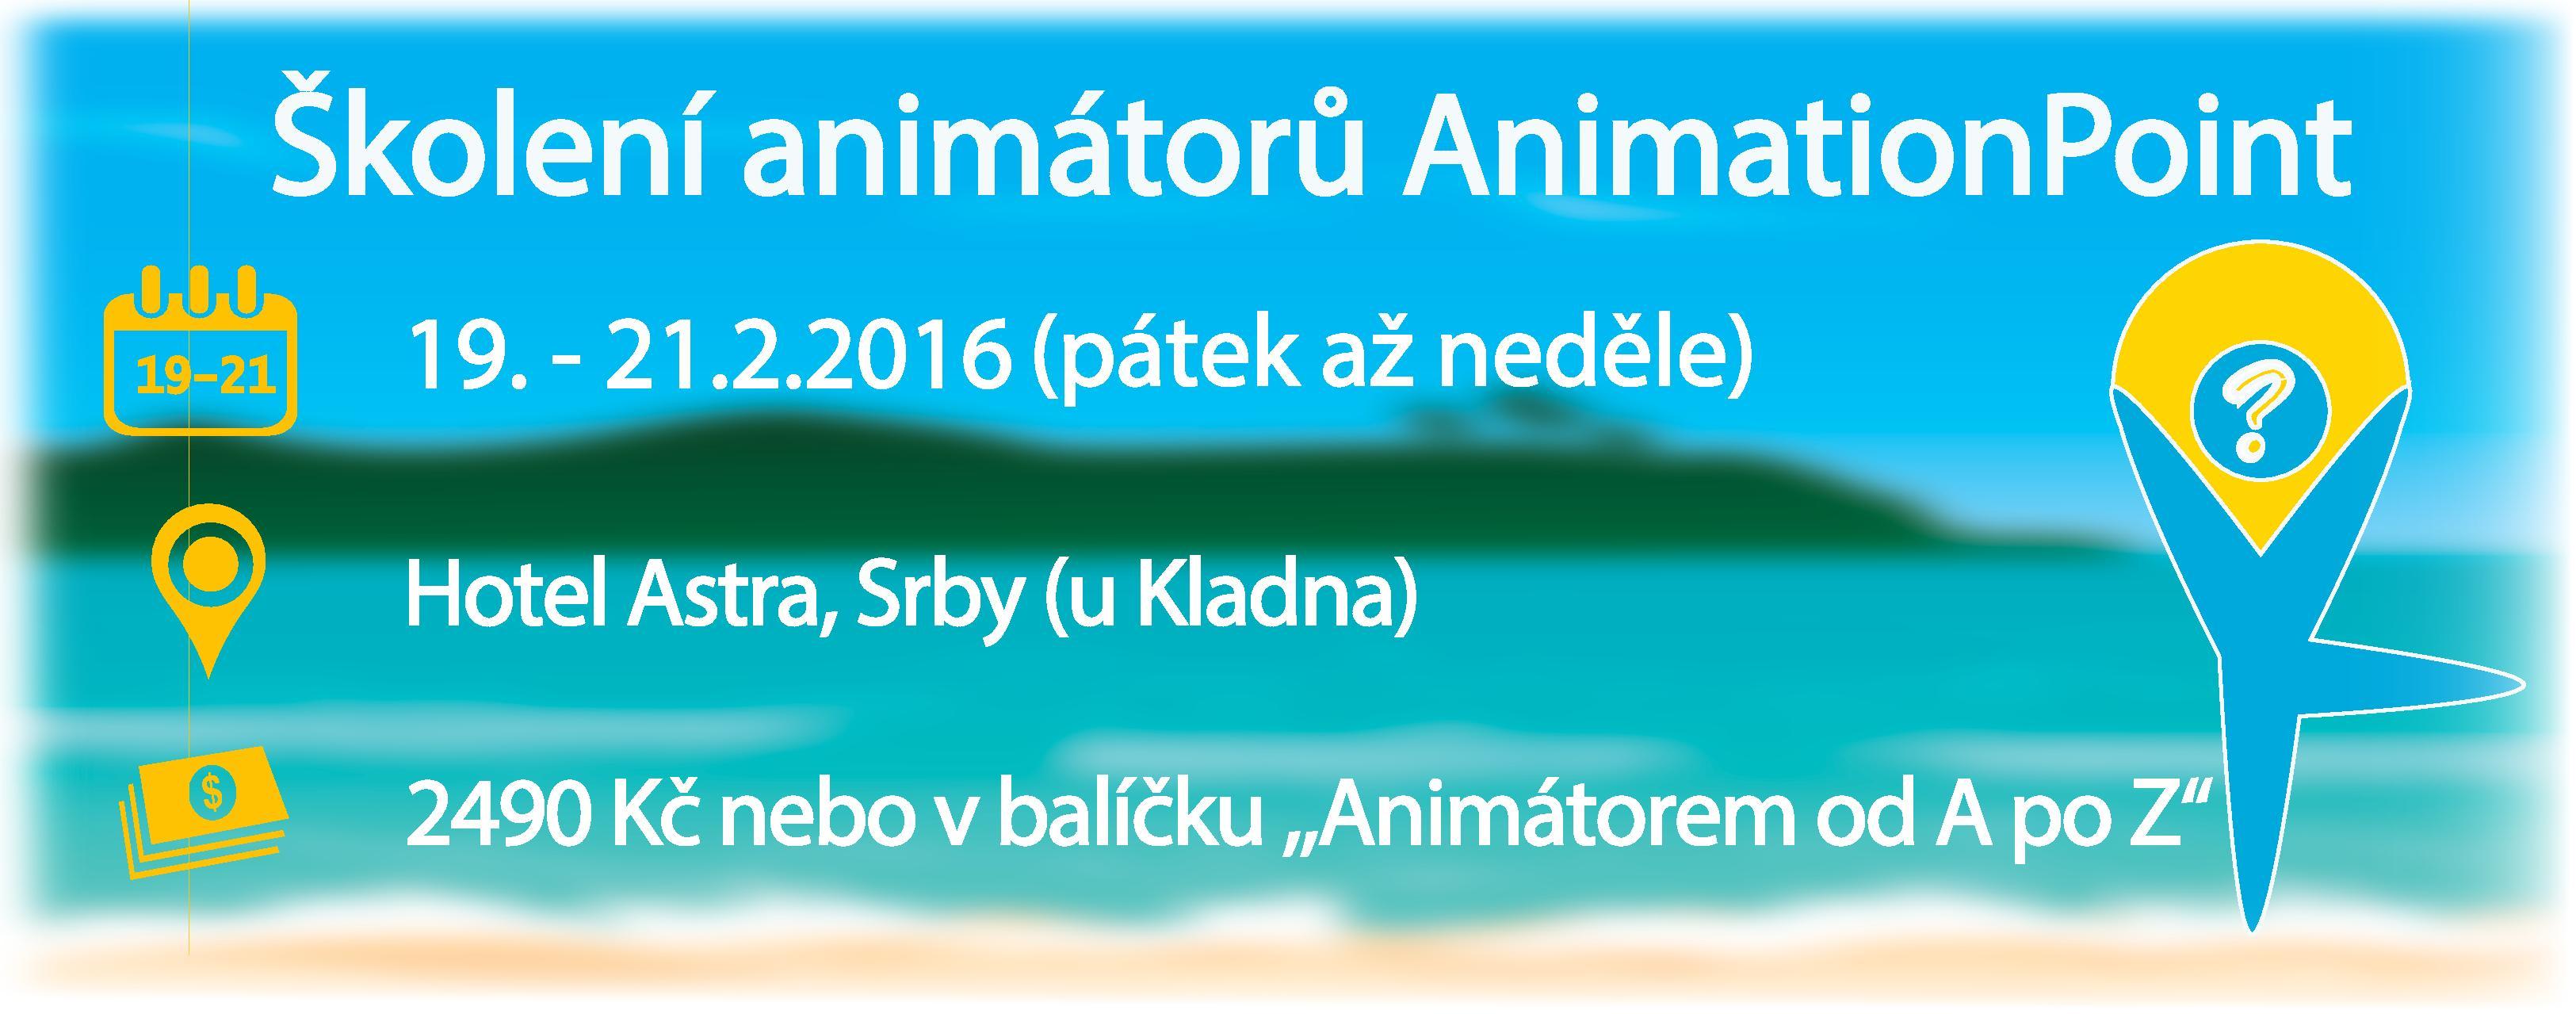 Školení animátorů AnimationPoint ÚNOR 2016